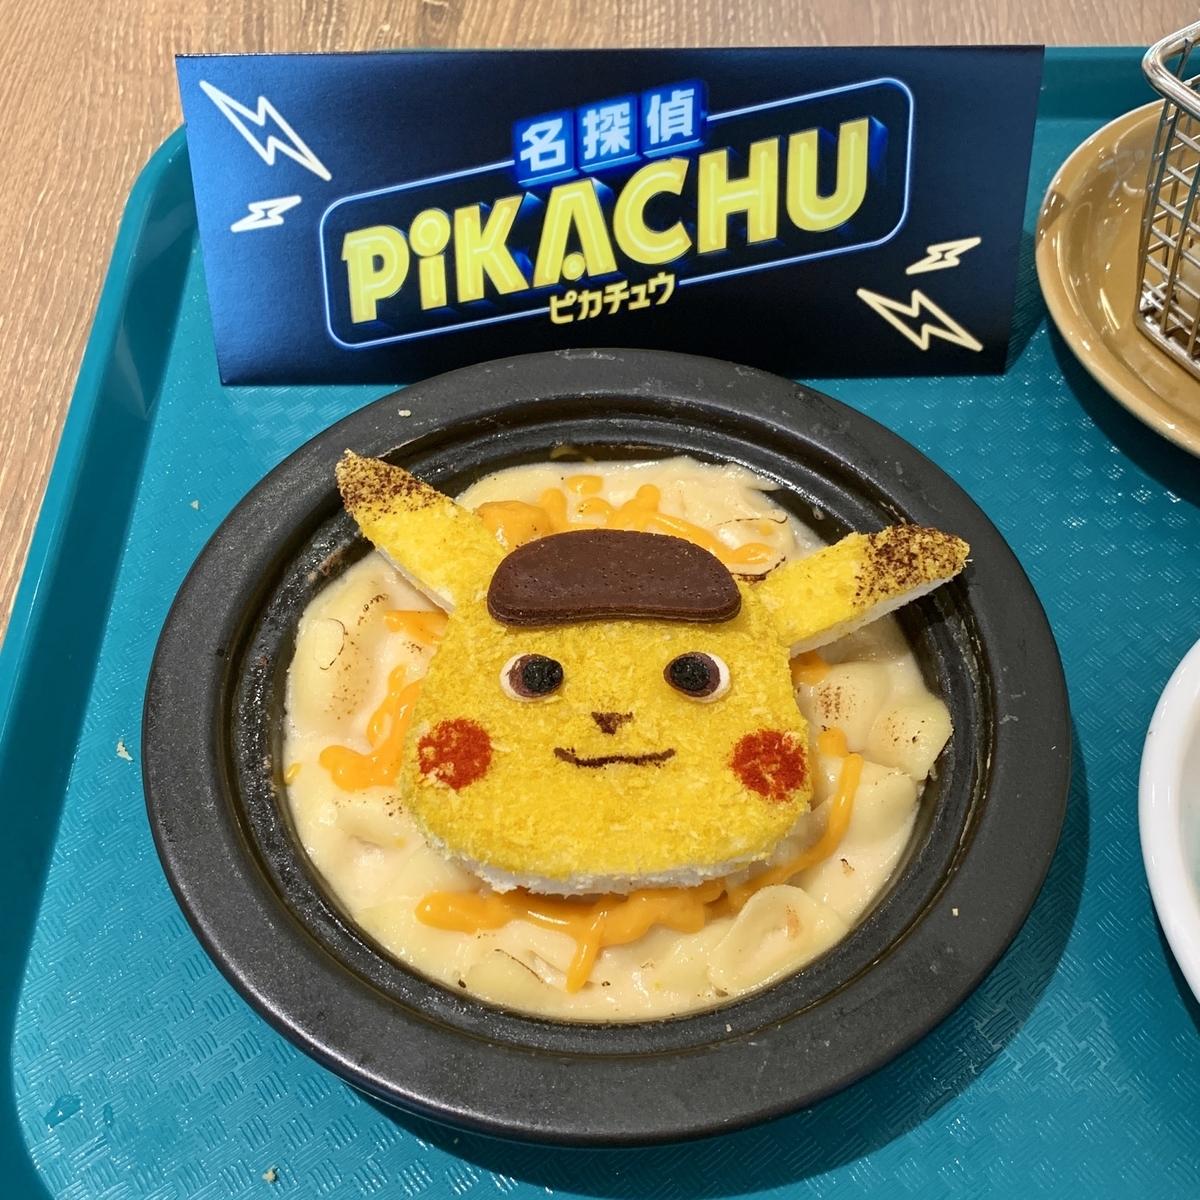 f:id:pikachu_pcn:20190505205000j:plain